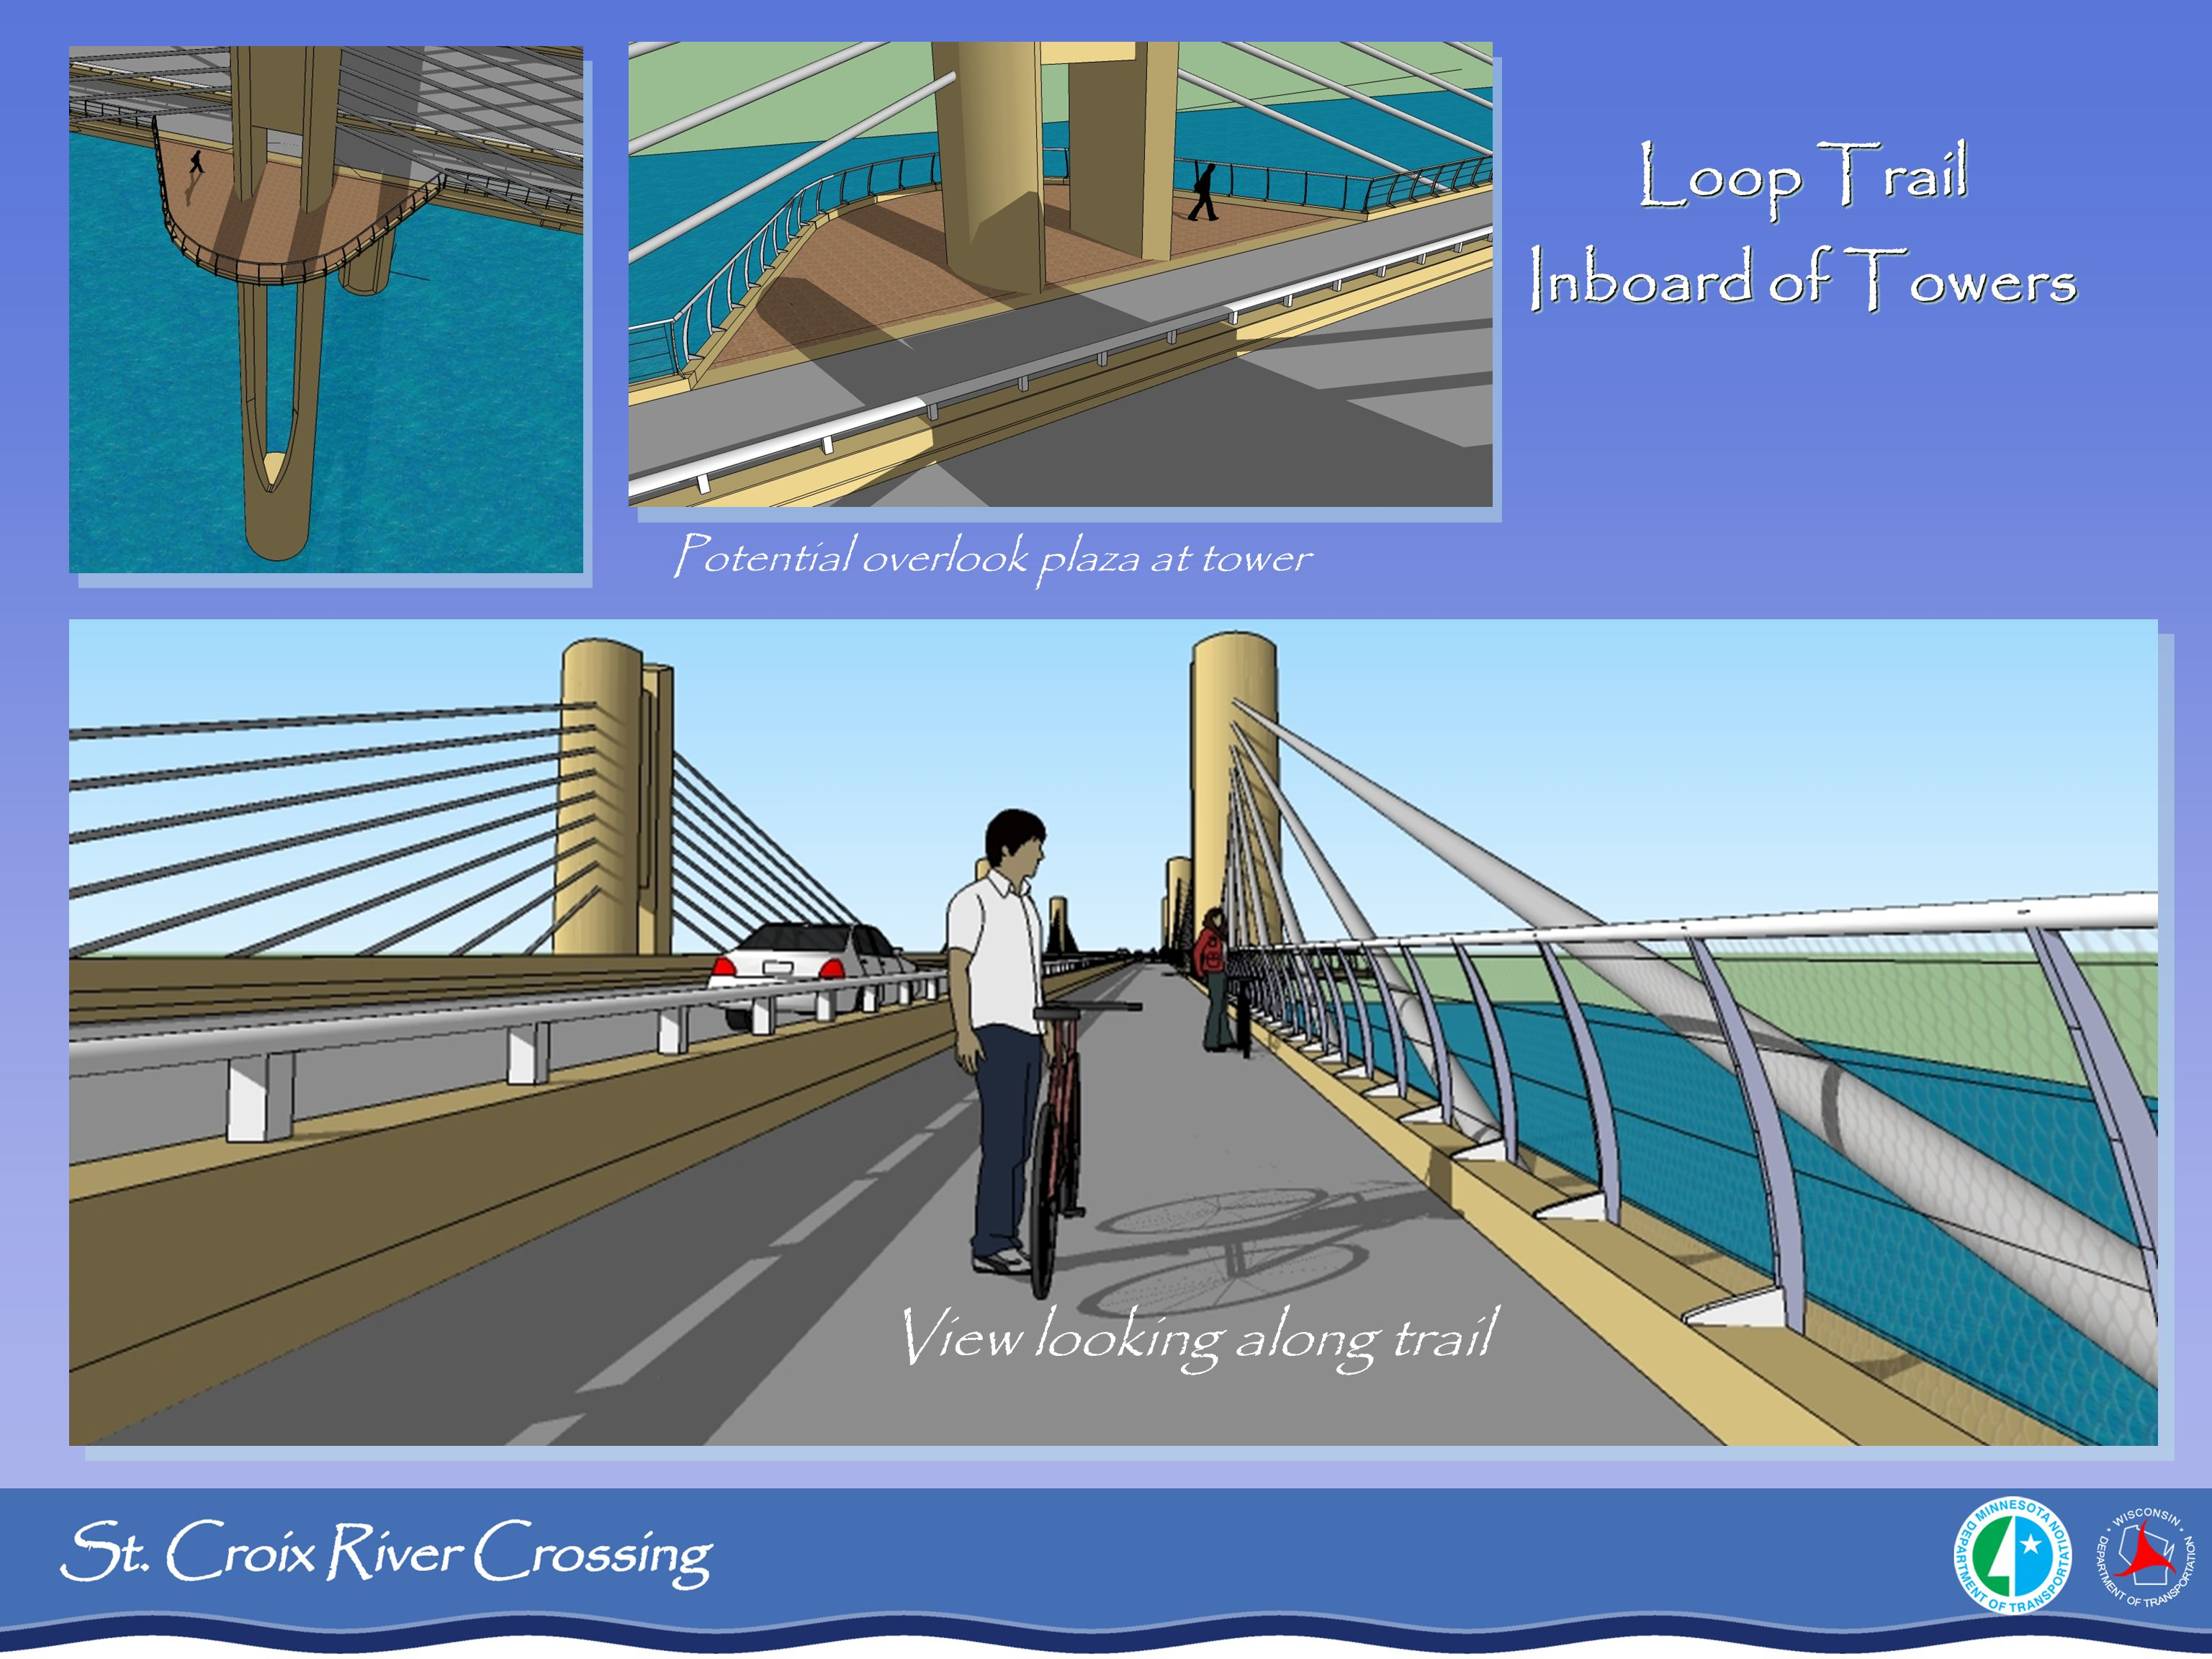 Loop Trail Inboard of Towers